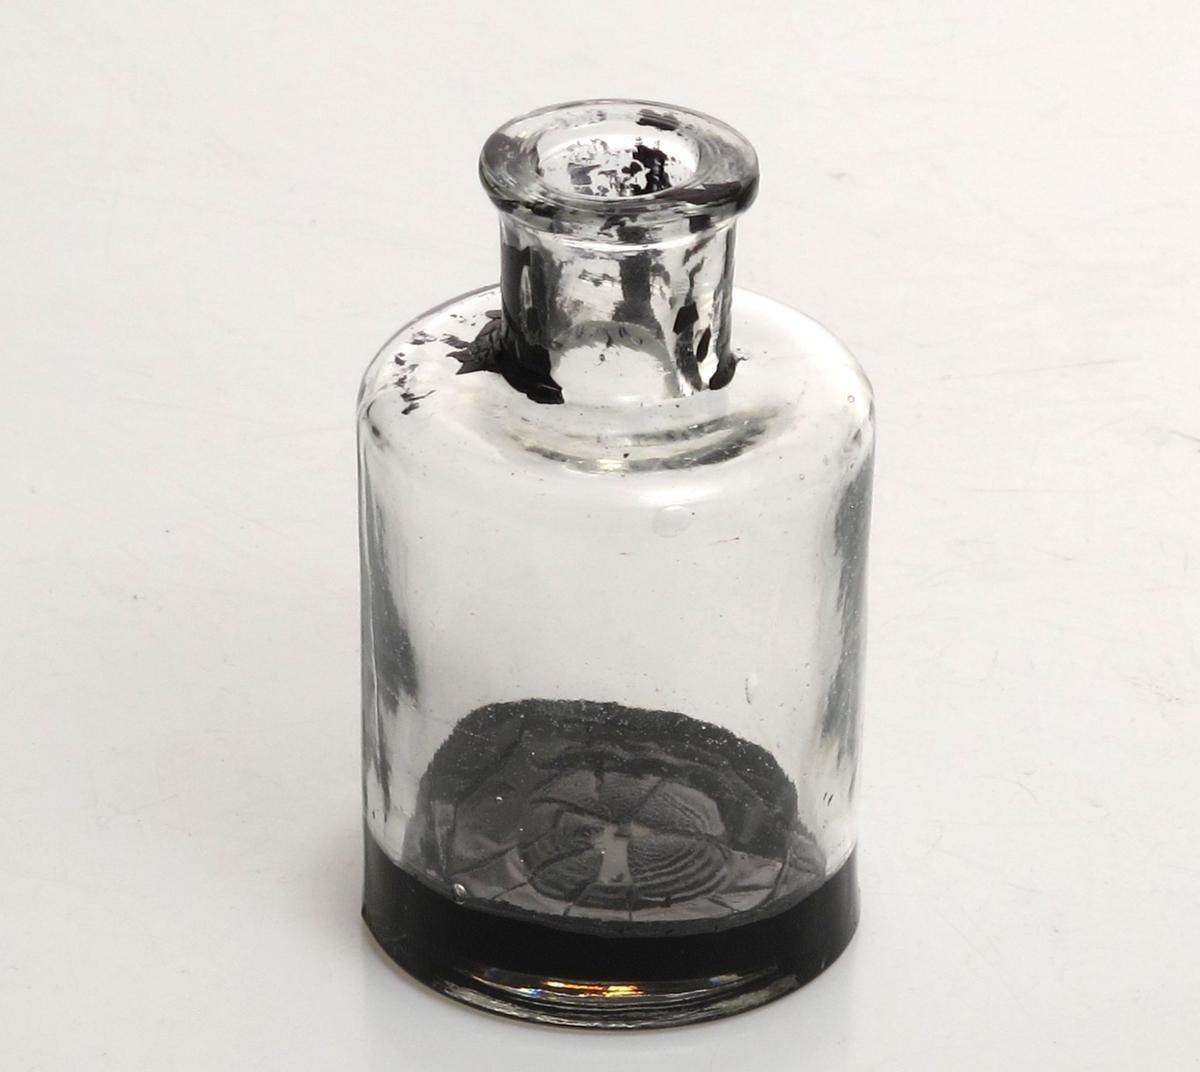 Sylindrisk flaske med fordypning i bunnen. Rette skuldre, sylindrisk hals med flat brem.